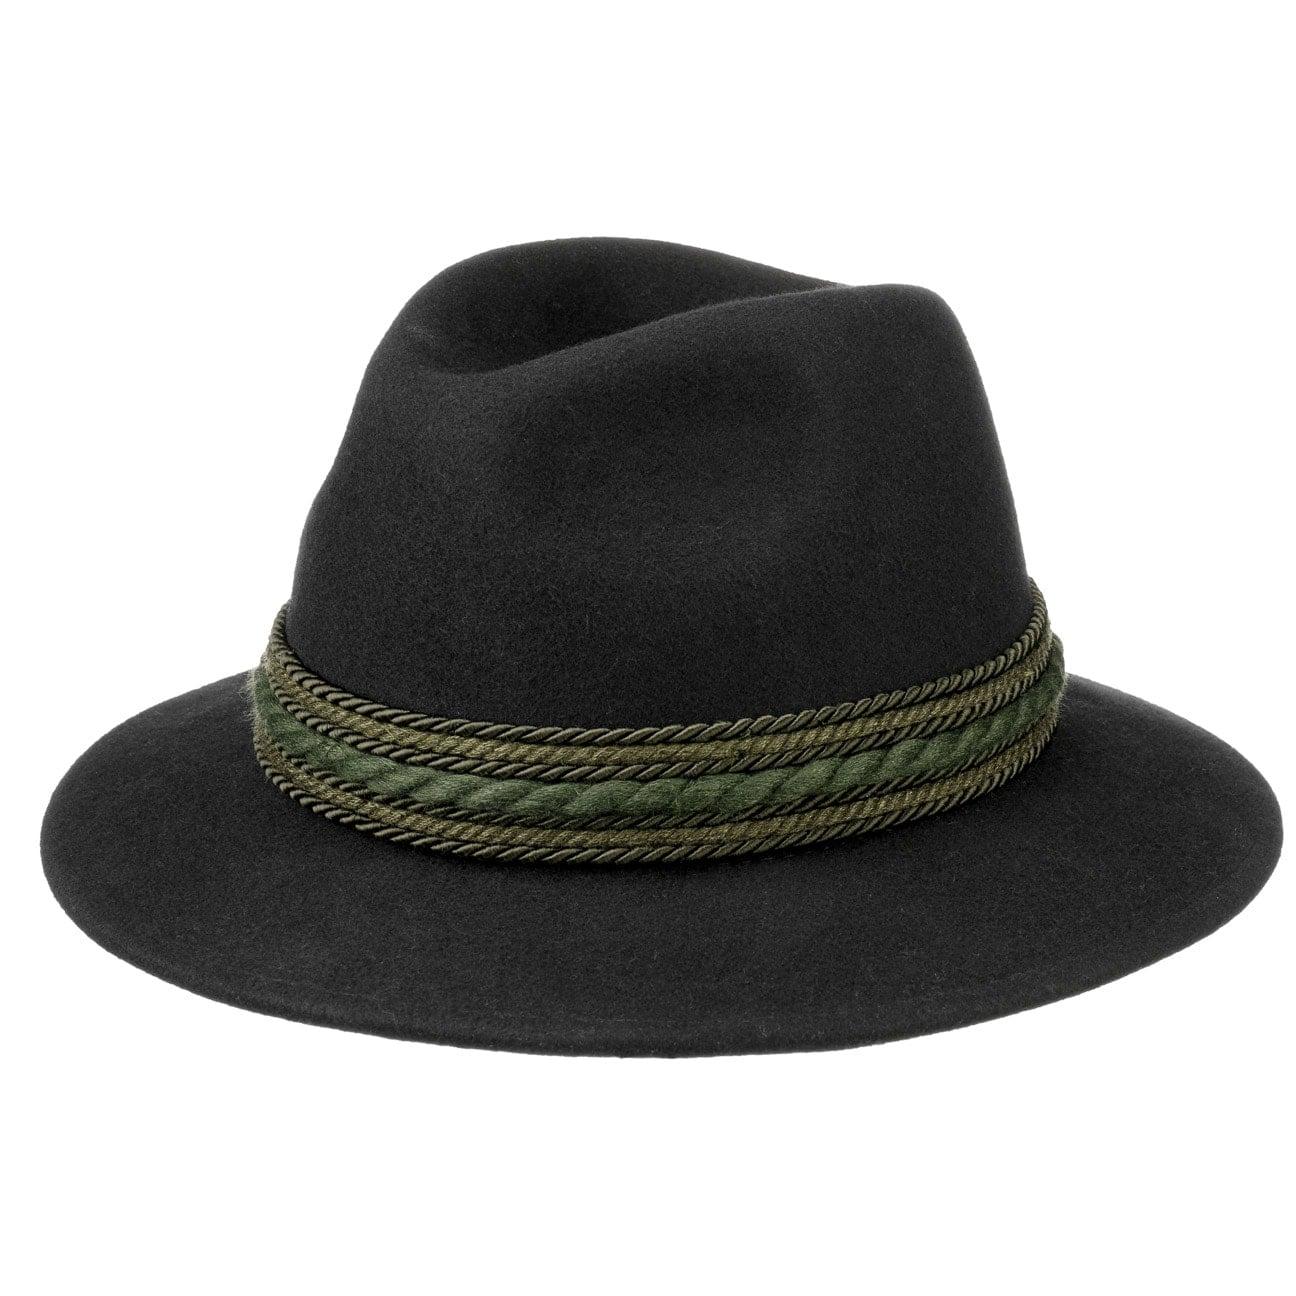 Sombrero de Lana Landsgut by Lodenhut Manufaktur